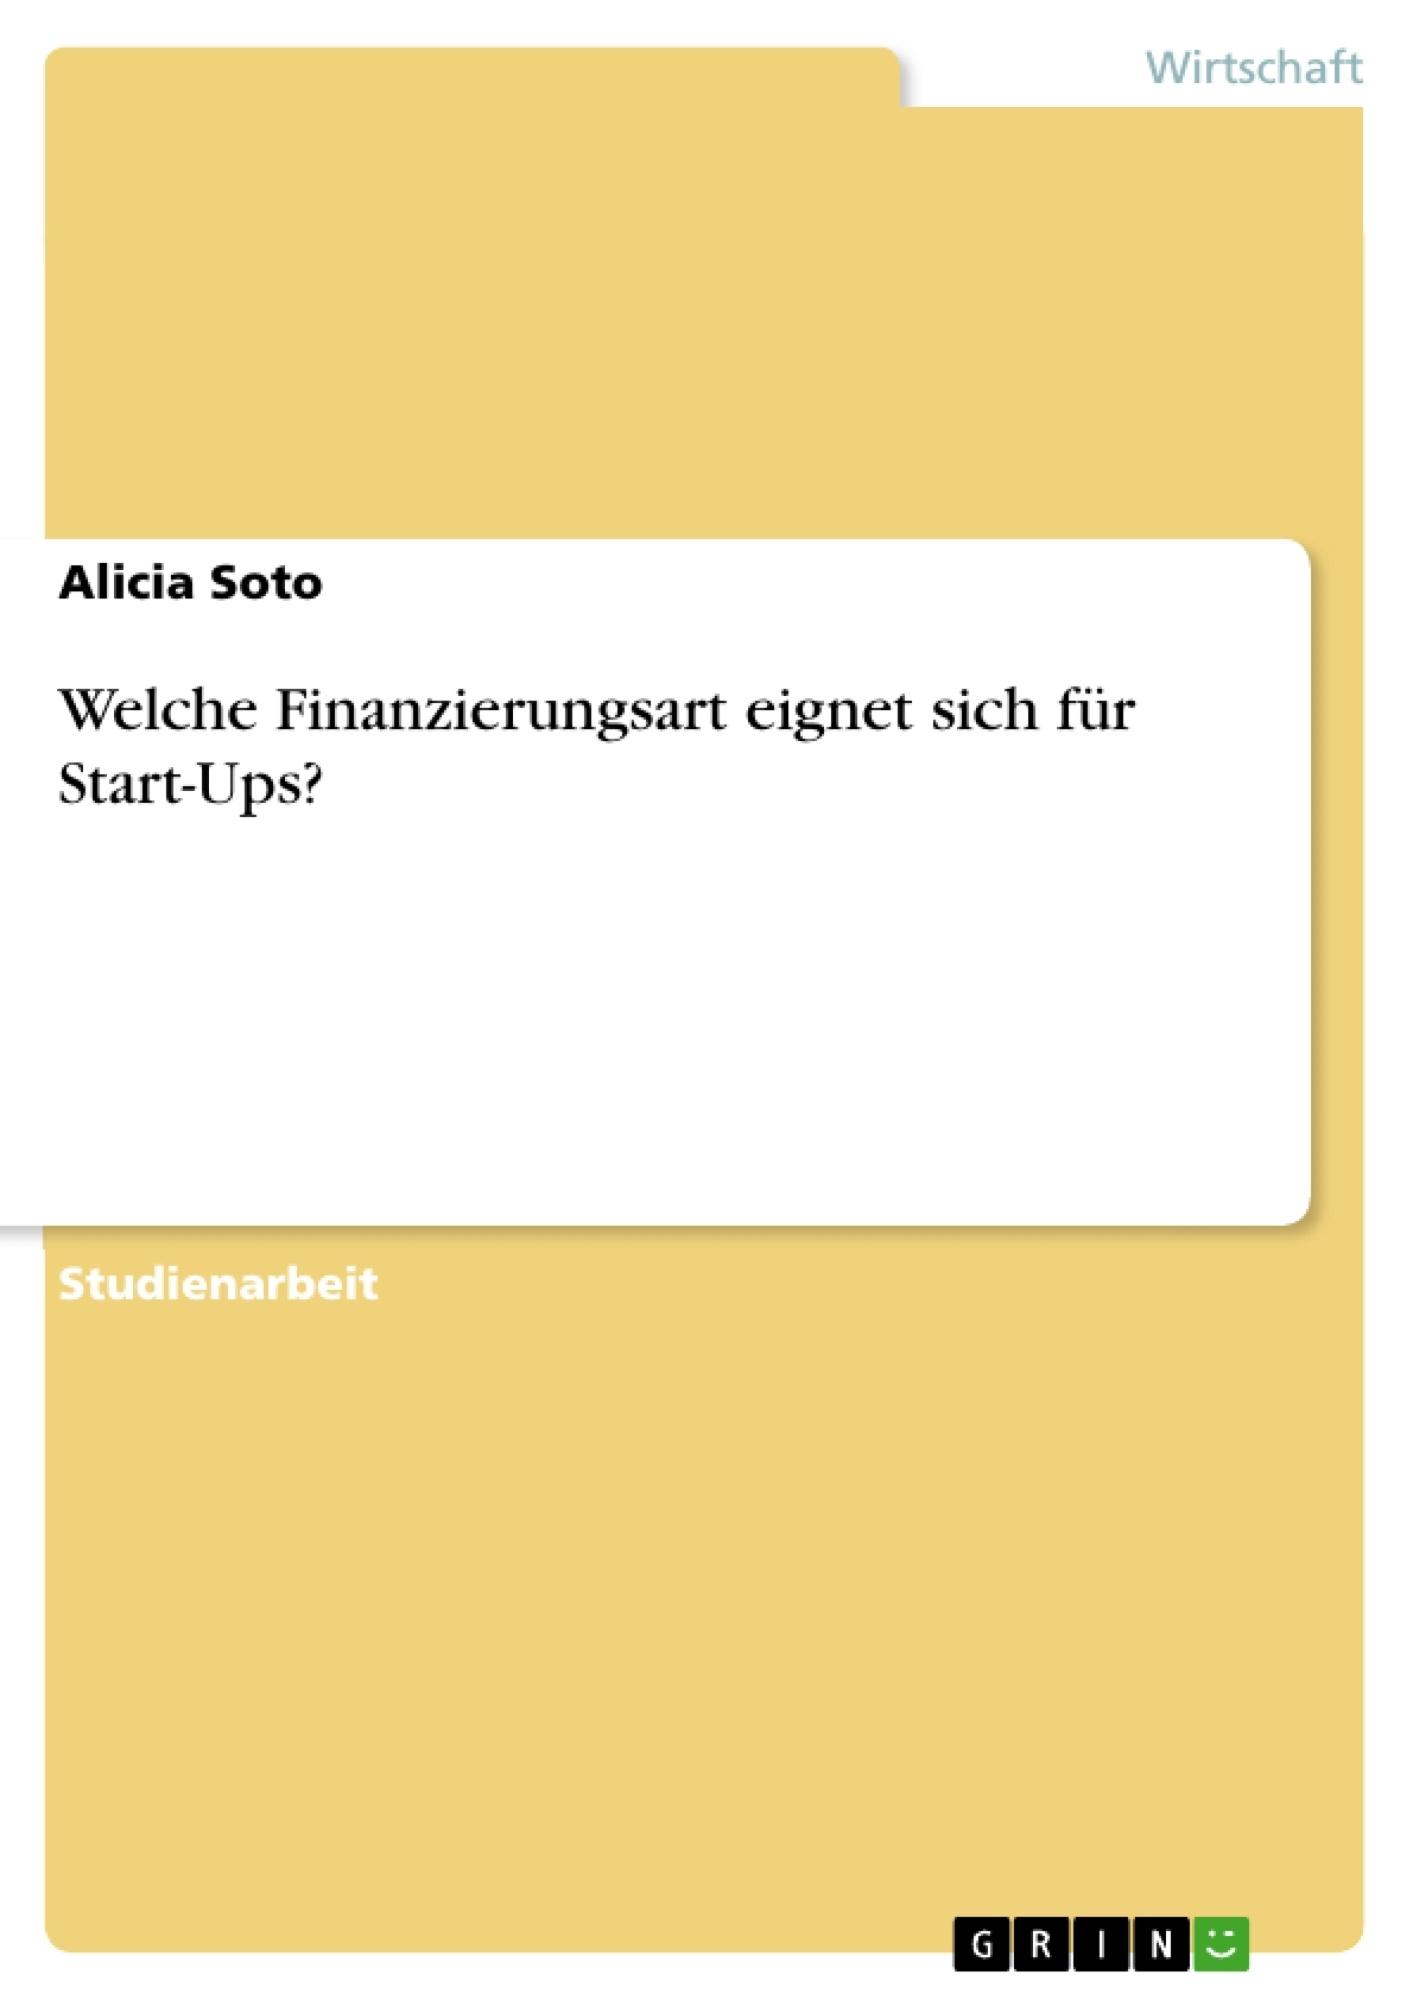 Titel: Welche Finanzierungsart eignet sich für Start-Ups?